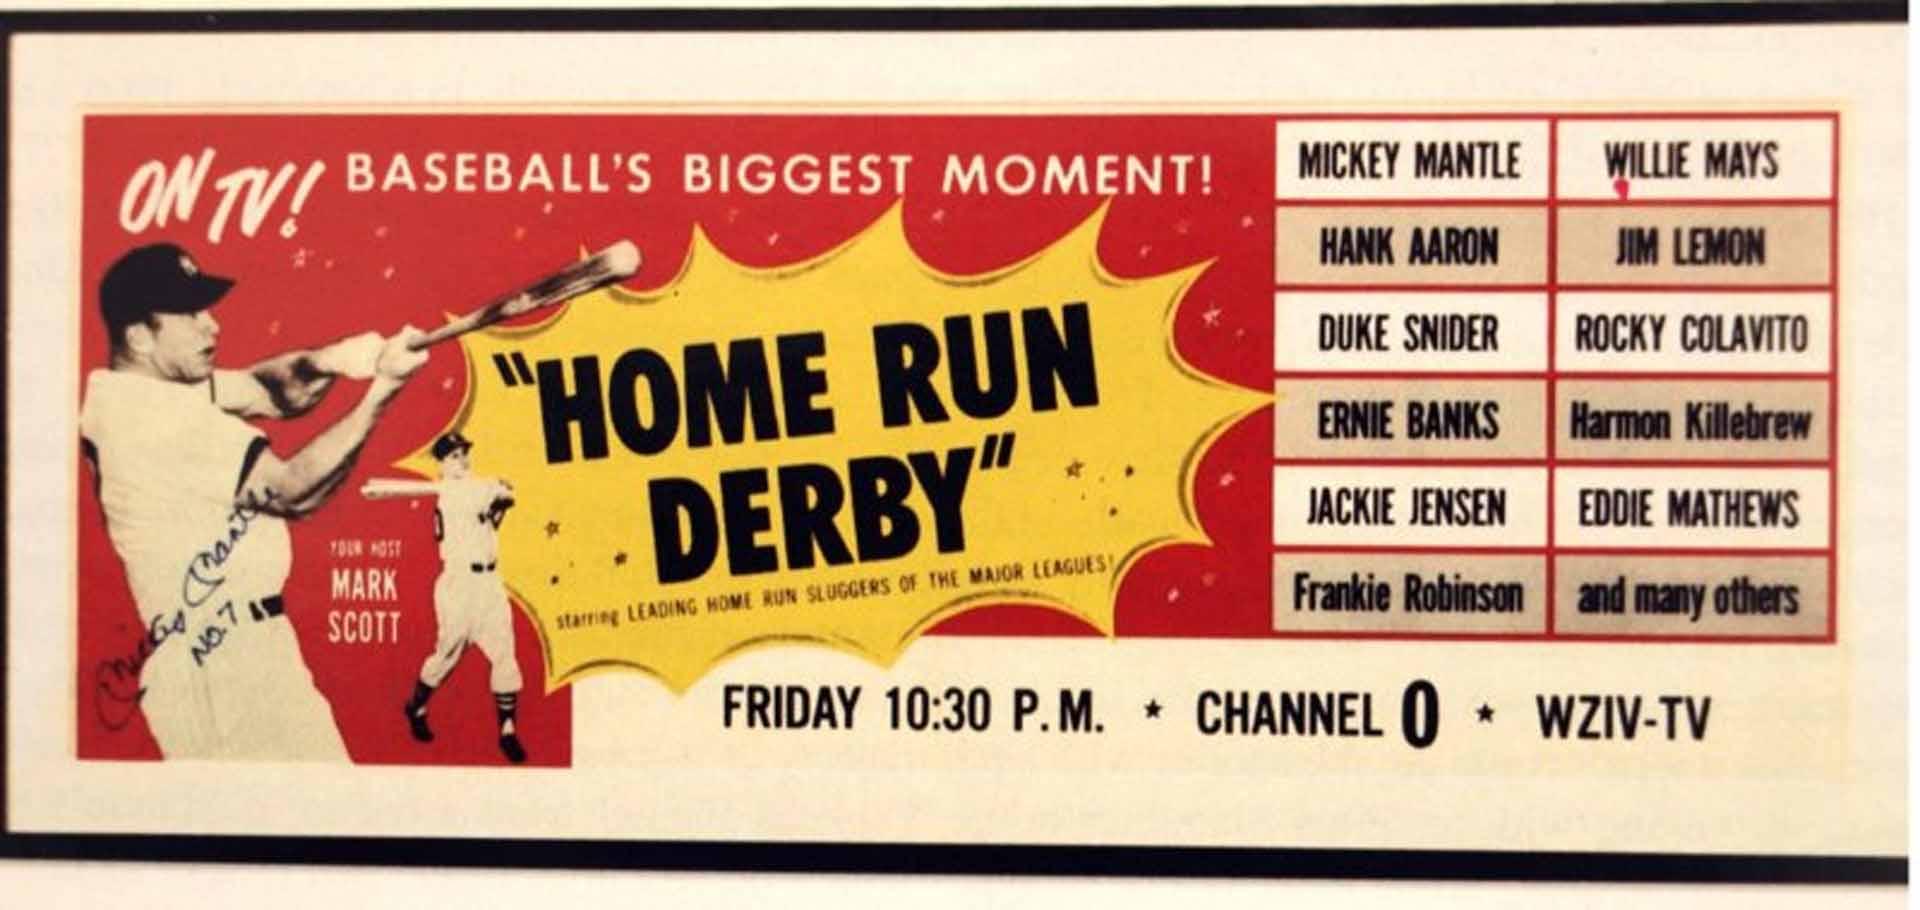 1959 home run derby